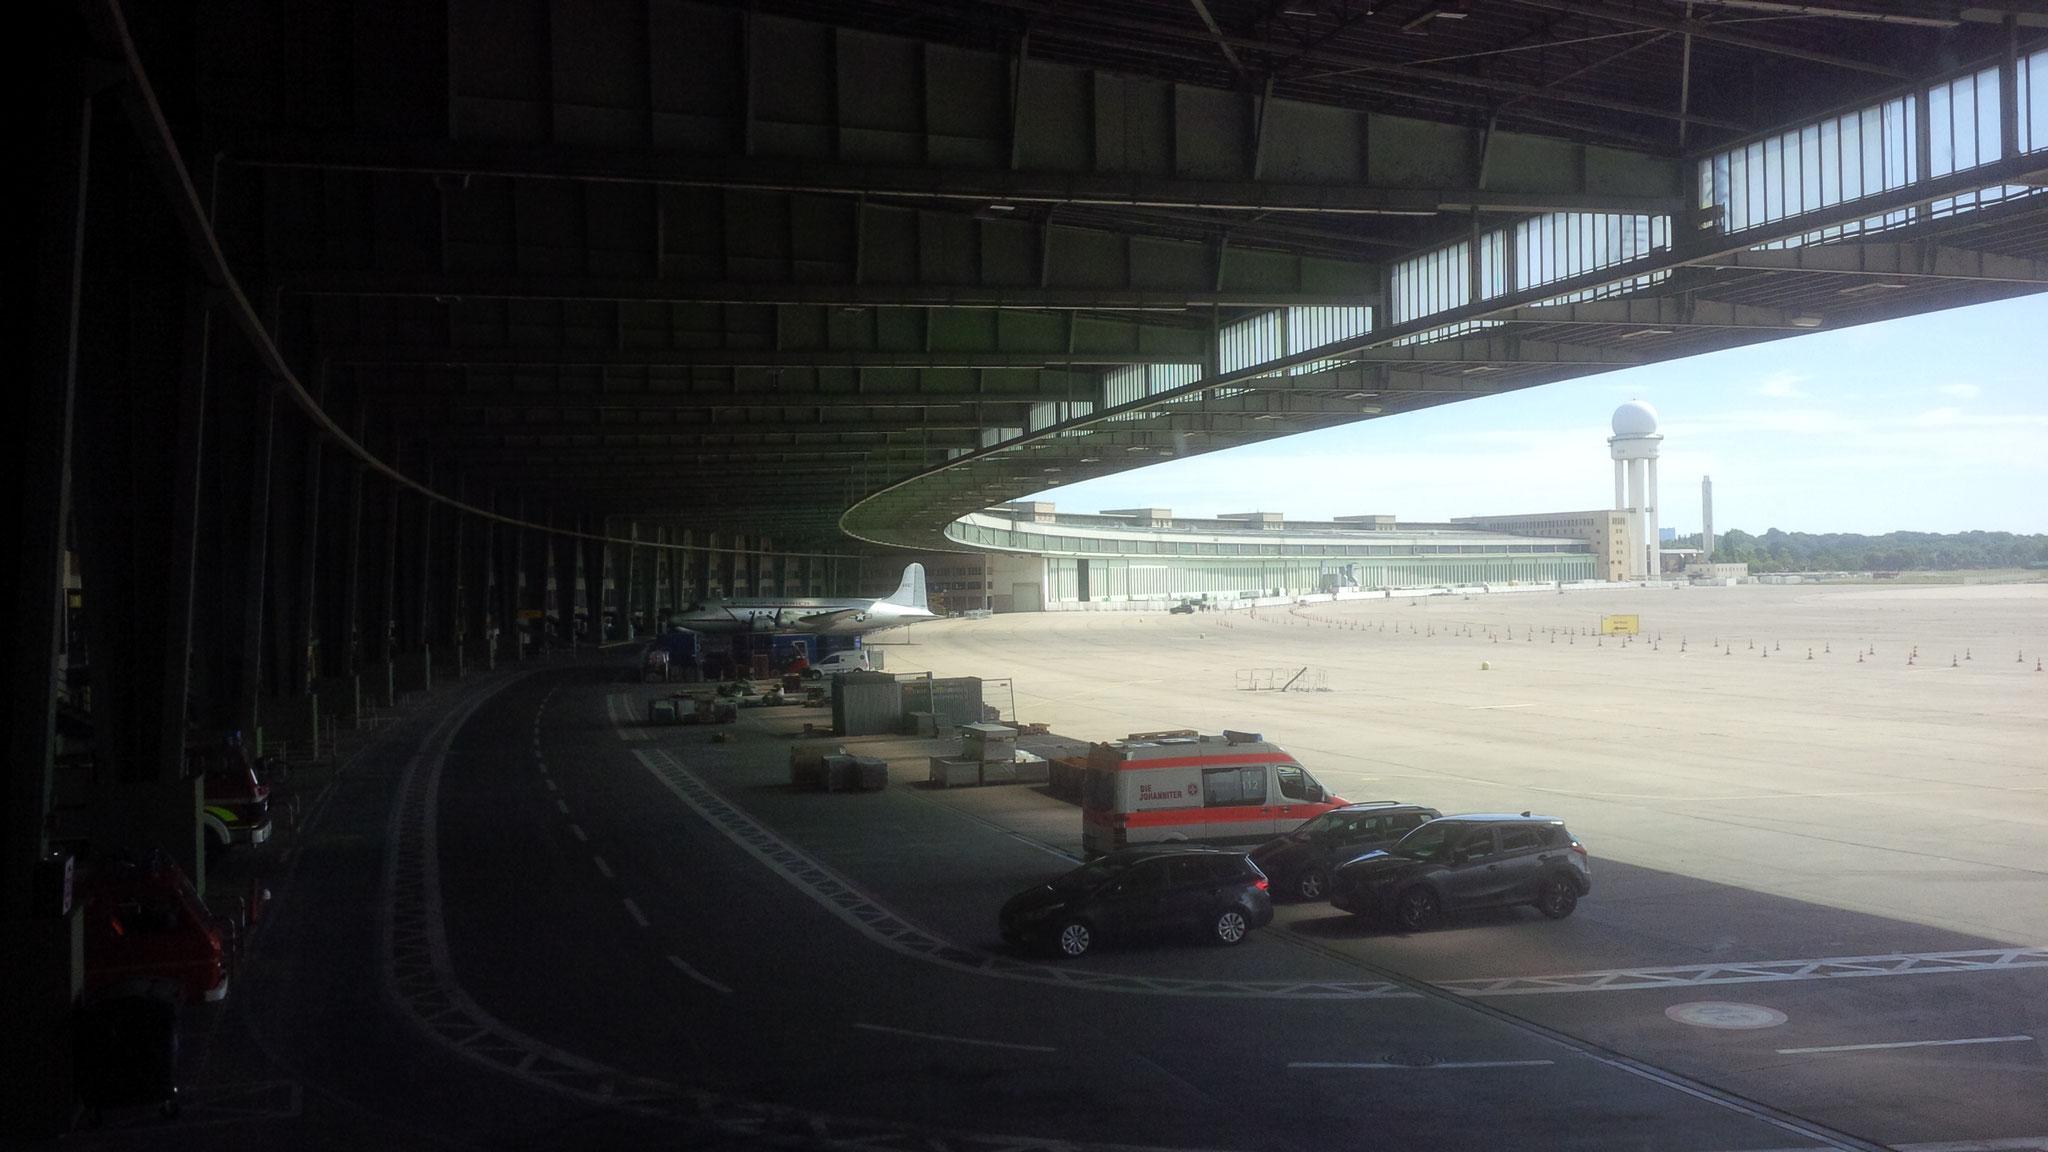 Le hangar des arrivées à Tempelhof